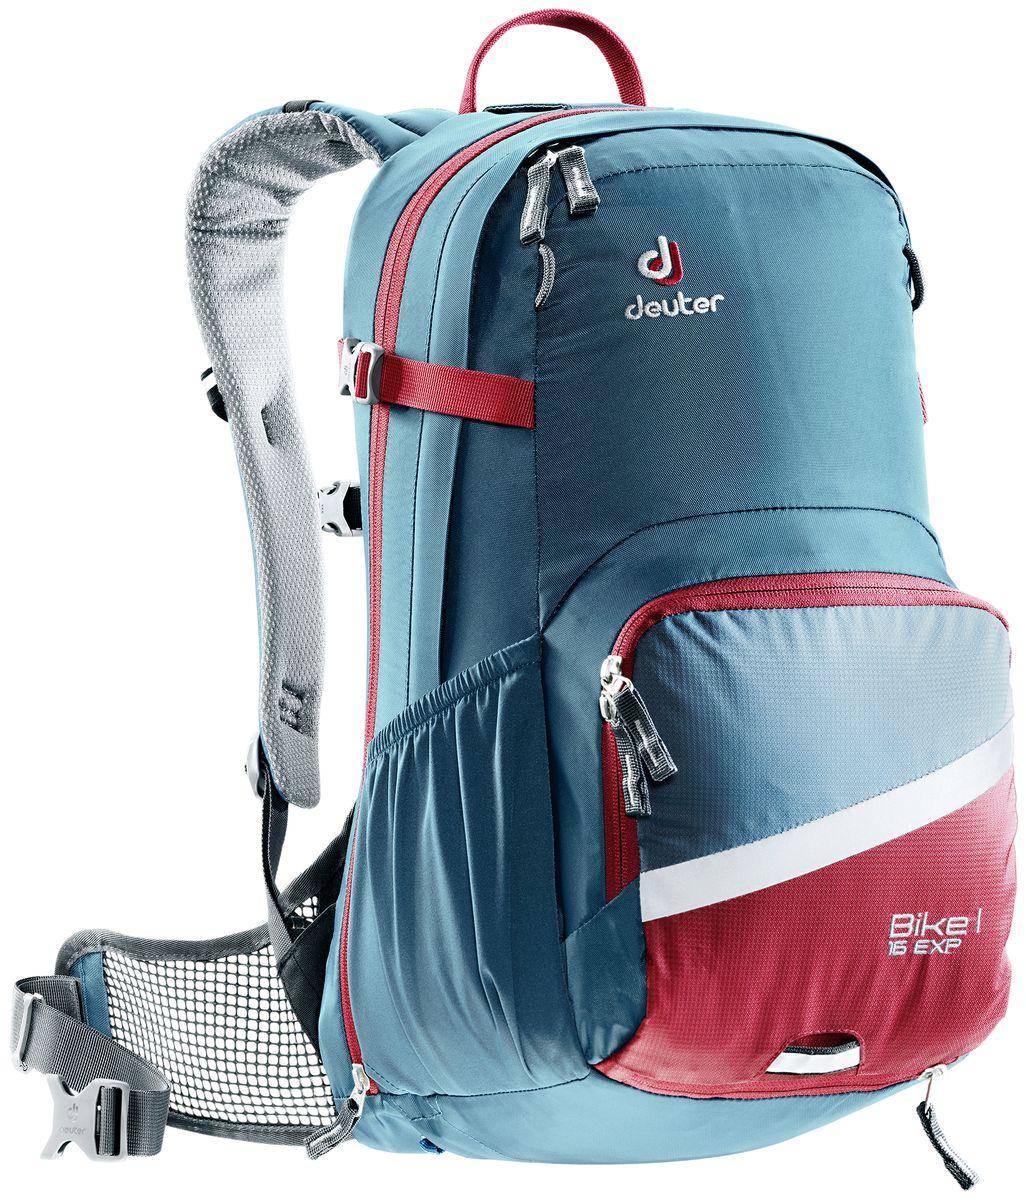 Рюкзак Deuter Bike I Air EXP 16, цвет: серый, 16 л3203017_3564Deuter представляет новый велорюкзак в классическом дизайне, который выглядит как предок этого рюкзака 25 летней давности. Но при этом новый Bike I выполнен по современным технологиями и с использованием лучших материалов. Рюкзак отлично подойдет для однодневных поездок на природе или в городе.Особенности:- съемный держатель для шлема;- прекрасная вентиляция, плотное прилегание к спине, благодаря системе Airstripes с регулируемыми стойками каркаса (Bike I 18 SL & 20);- максимальная вентиляция благодаря сетчатой FlexLite спинке AIRCOMFORT (Bike I Air EXP 16);- хорошо вентилируемые, легкие, сетчатые набедренные крылья пояса (Bike I 18 SL, Air EXP 16 & 20);- поясной ремень (Bike I 14);- чехол от дождя на молнии;- удобные плечевые лямки с мягкими краями Soft-Edge;- съемный, складывающийся дождевик;- компрессионные ремни;- большой карман на молнии с органайзером и карабином для ключей и отделениями для мобильного телефона, бумажника, инструментов и т.д.;- легкодоступное отделение на молнии для смартфона или карты на задней стороне;- эластичные боковые карманы;- большие 3M отражающие полосы на переднем кармане;- светоотражающая петля для габаритного фонарика;- отделение для влажной одежды;- совместимость с питьевой системой;Вес: 1050 г.Объем: 16 + 4 л.Размеры: 48 x 25 x 22 см.